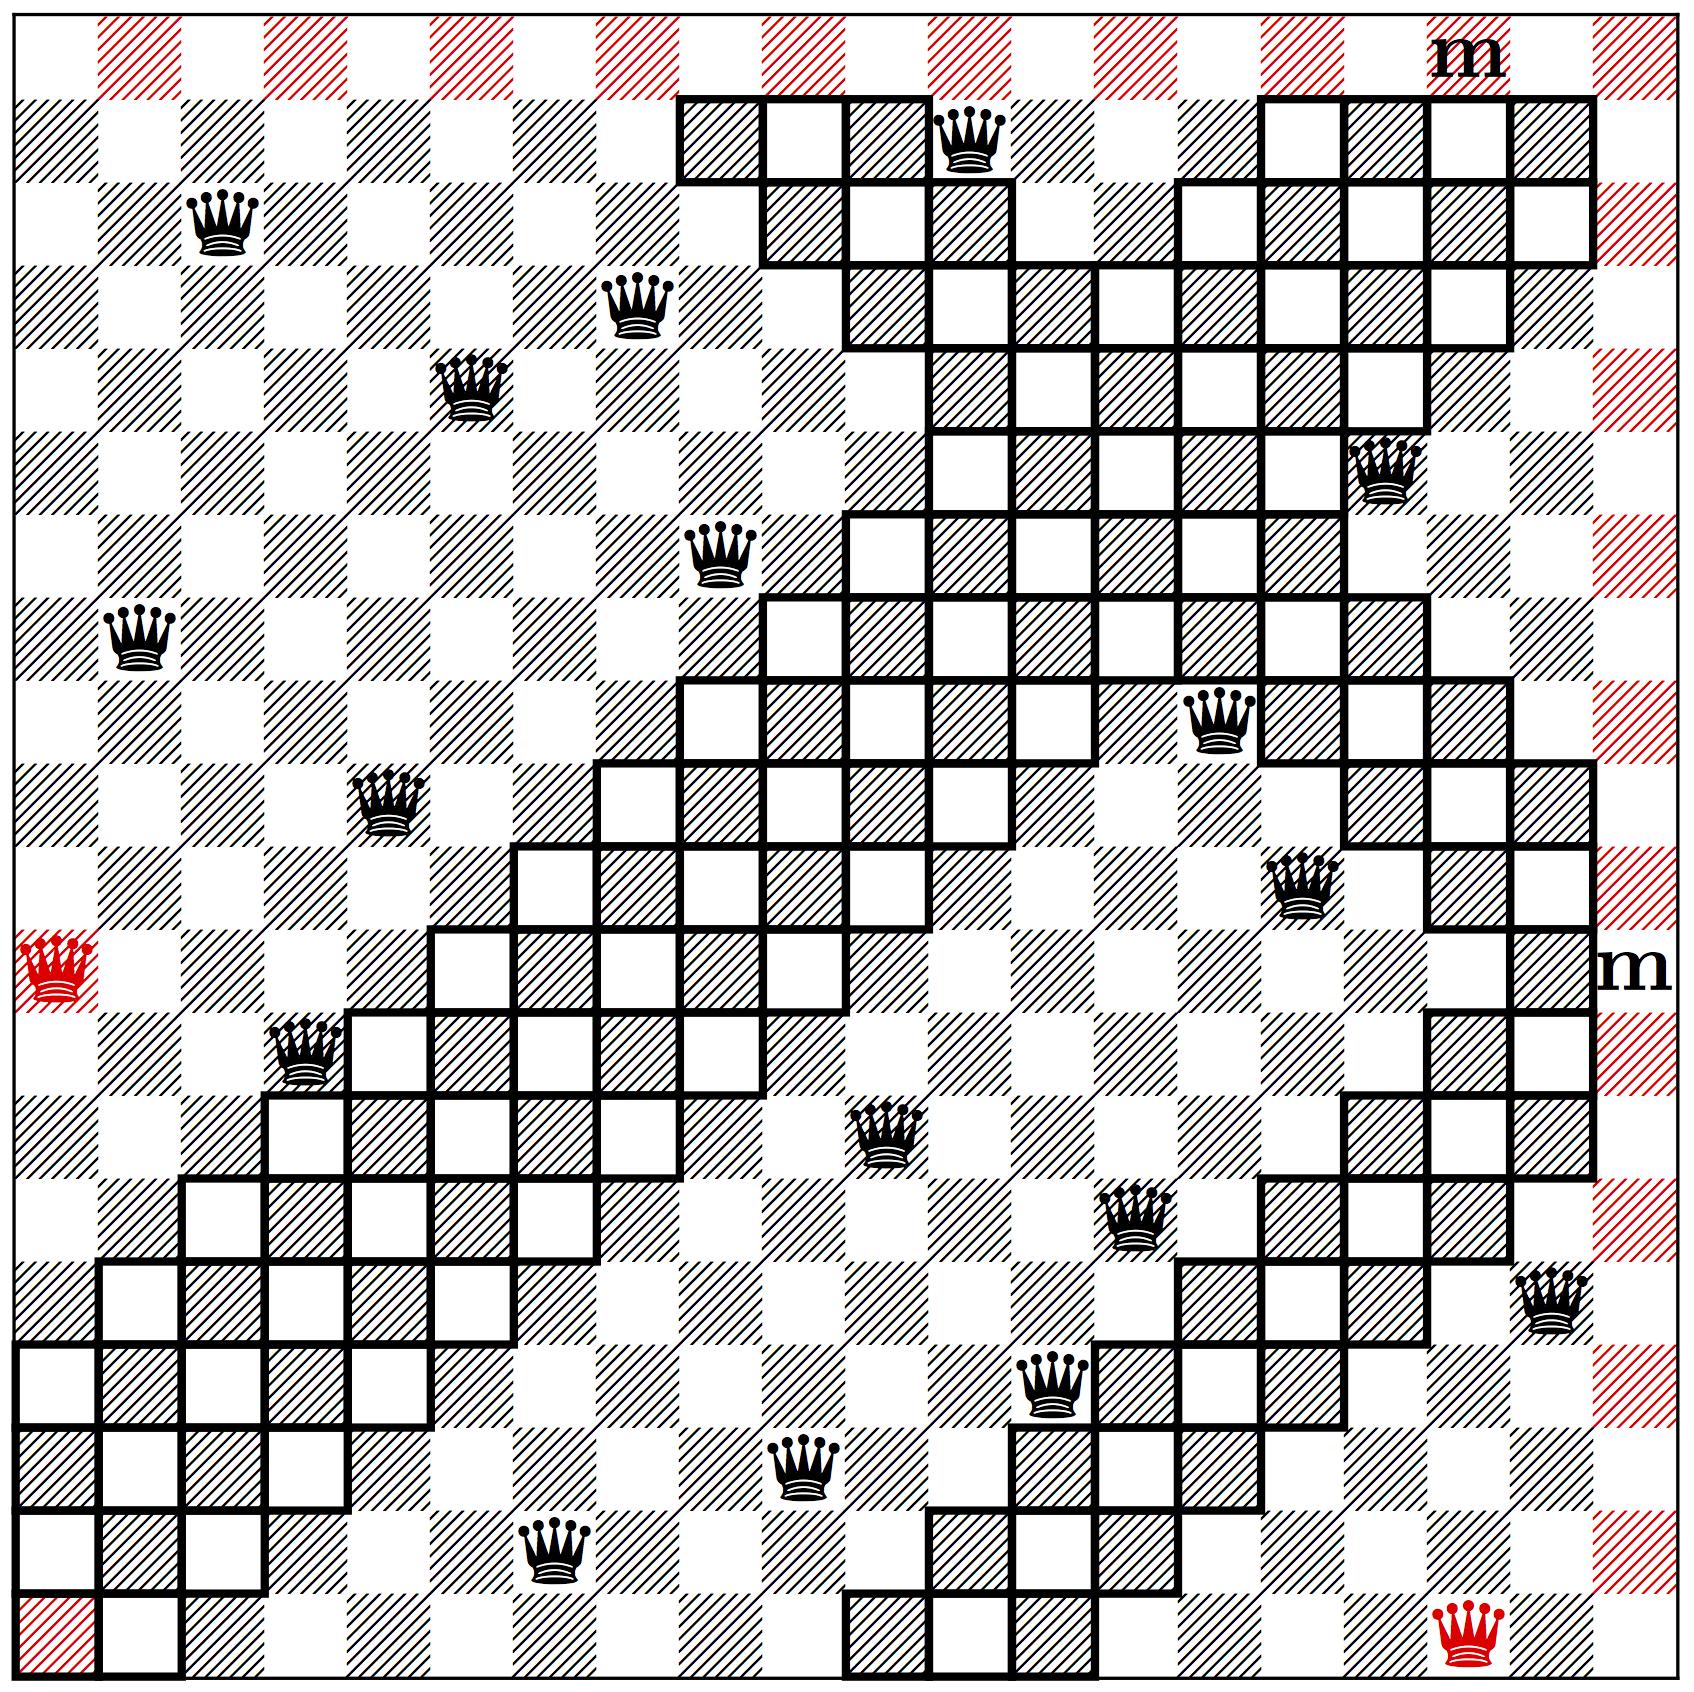 El rompecabezas de las reinas (Queens Puzzle)